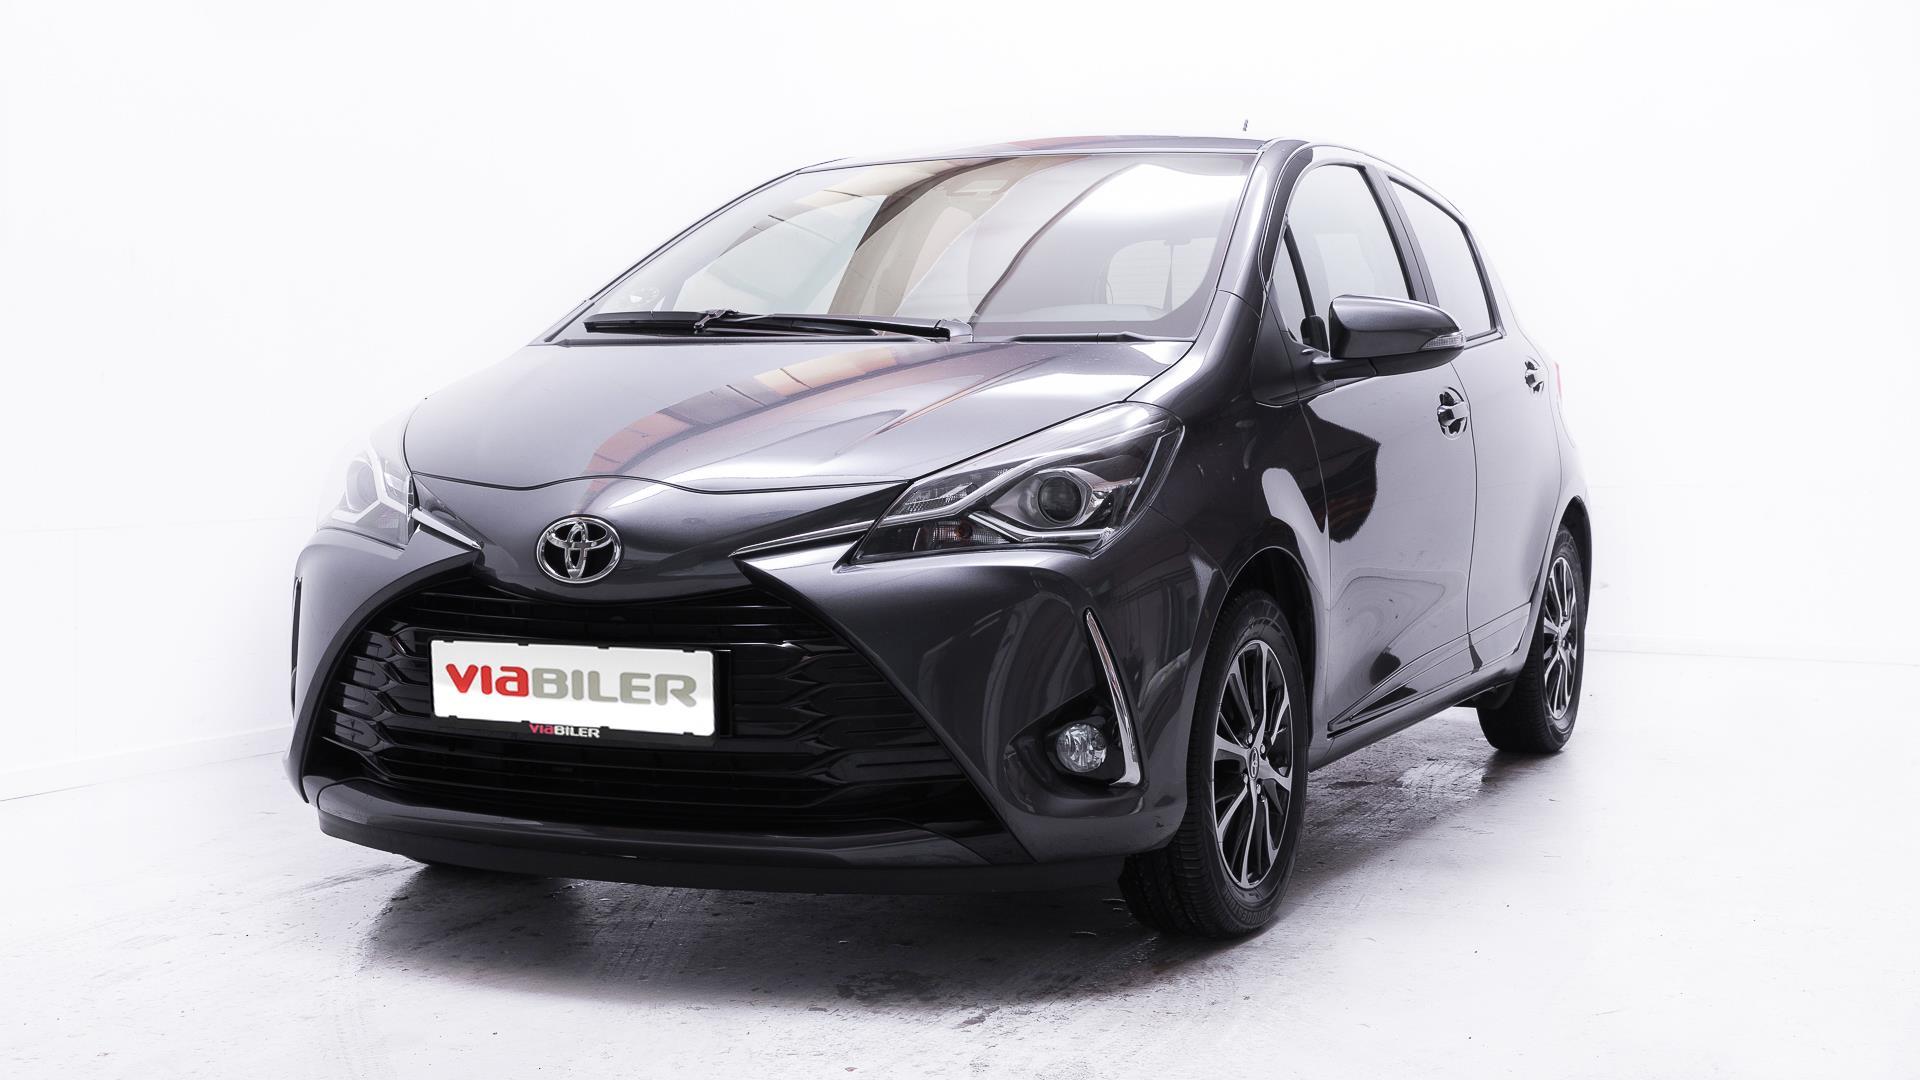 Billede af Toyota Yaris 1,5 VVT-I T3 111HK 5d 6g